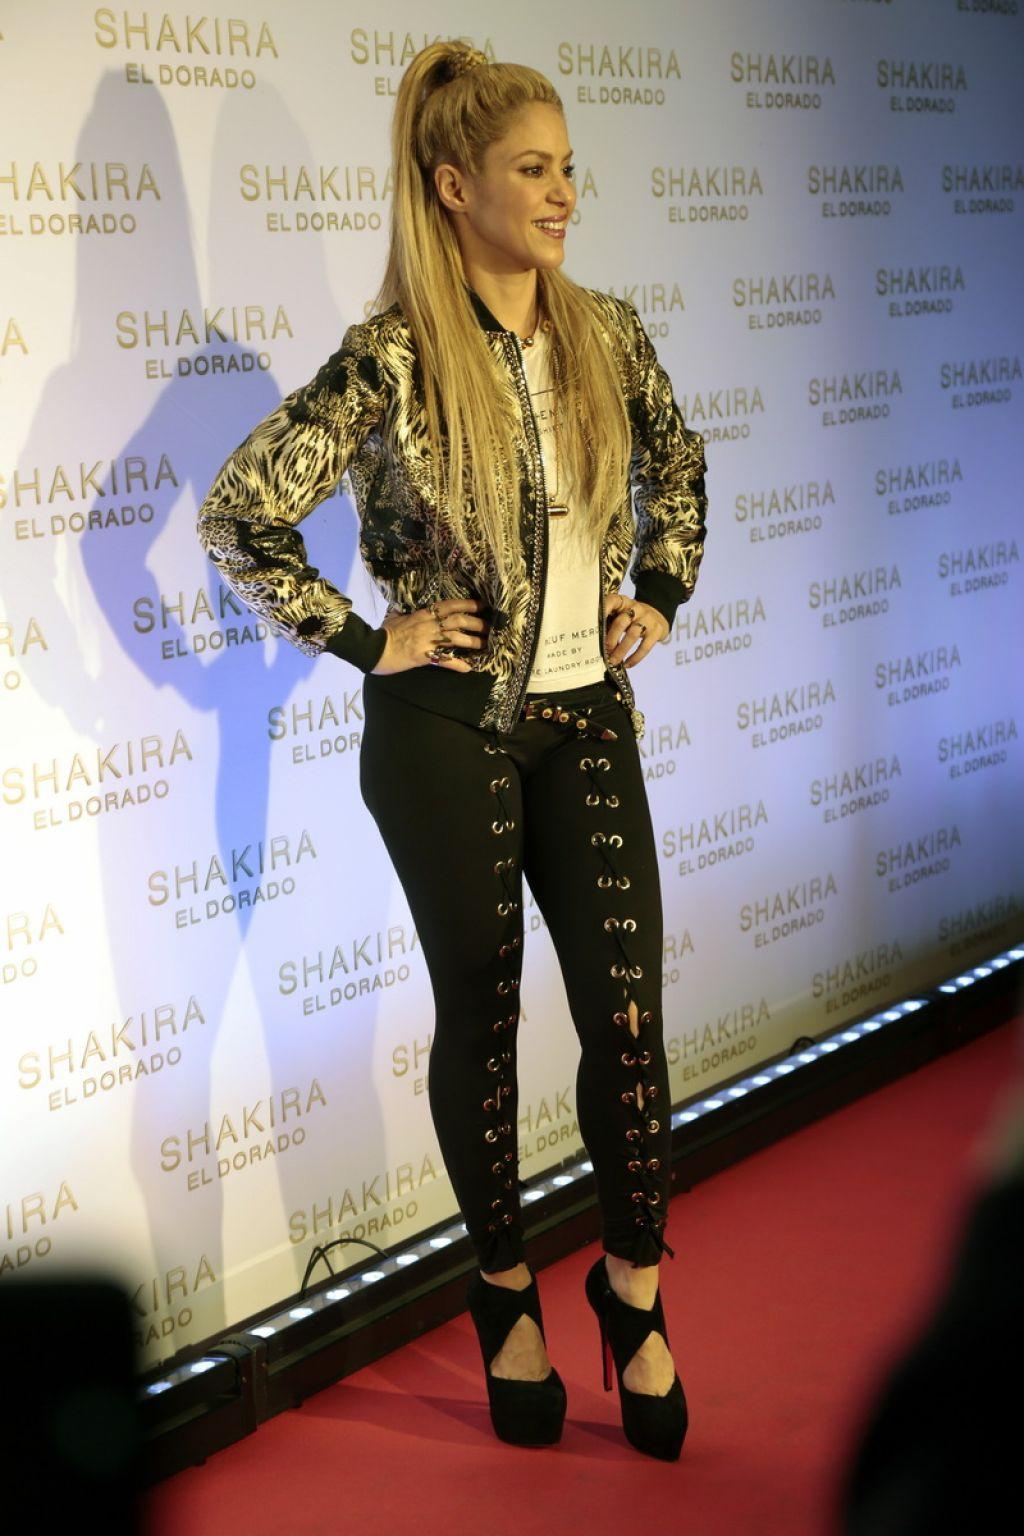 Shakira Quot El Dorado Quot Album Launch In Barcelona 06 08 2017